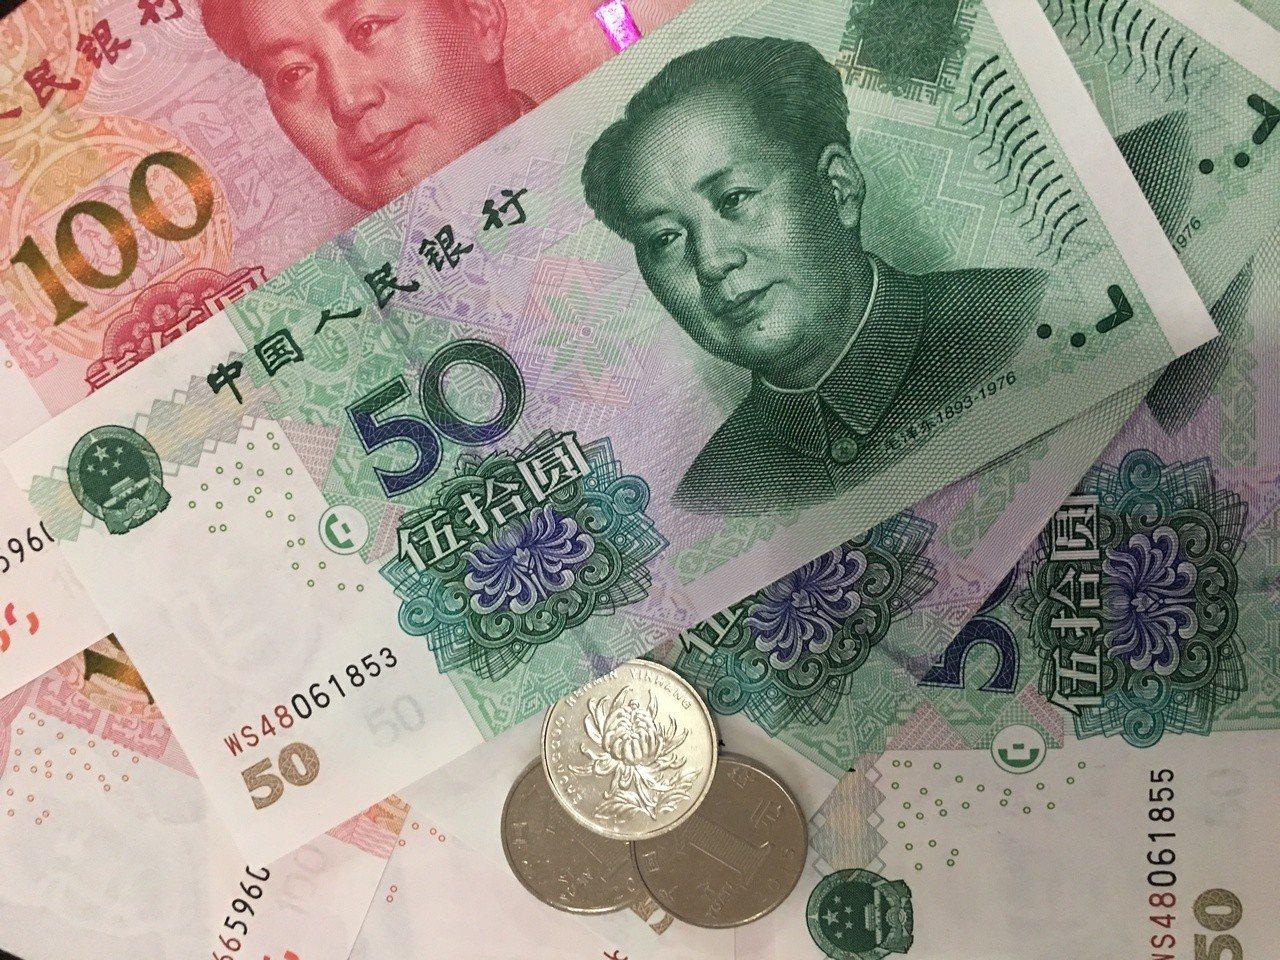 在中美貿易談判進入尾聲之際,人民日報15日強調,人民幣匯率將維持相對穩定,中國不...